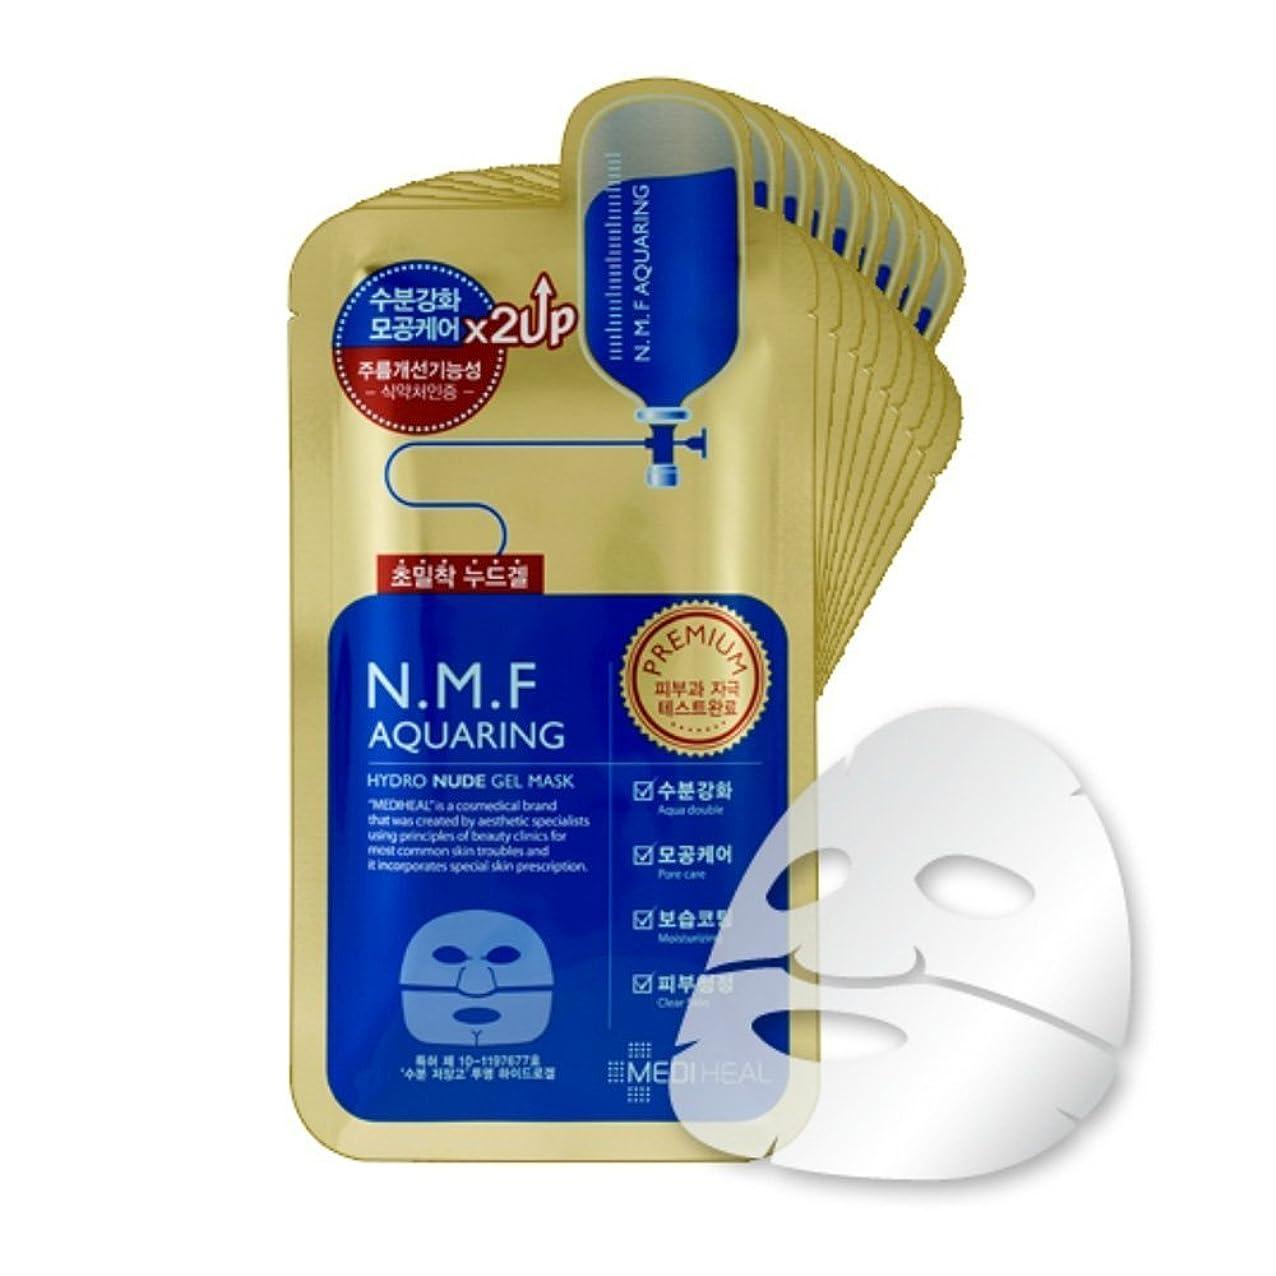 栄光スパンアーティストMEDIHEAL メディヒール NMF アクアリング ヌード ゲルマスク (10枚) [Mediheal premium NMF AQUARING Hydro Nude Gel 10 sheets] [並行輸入品]